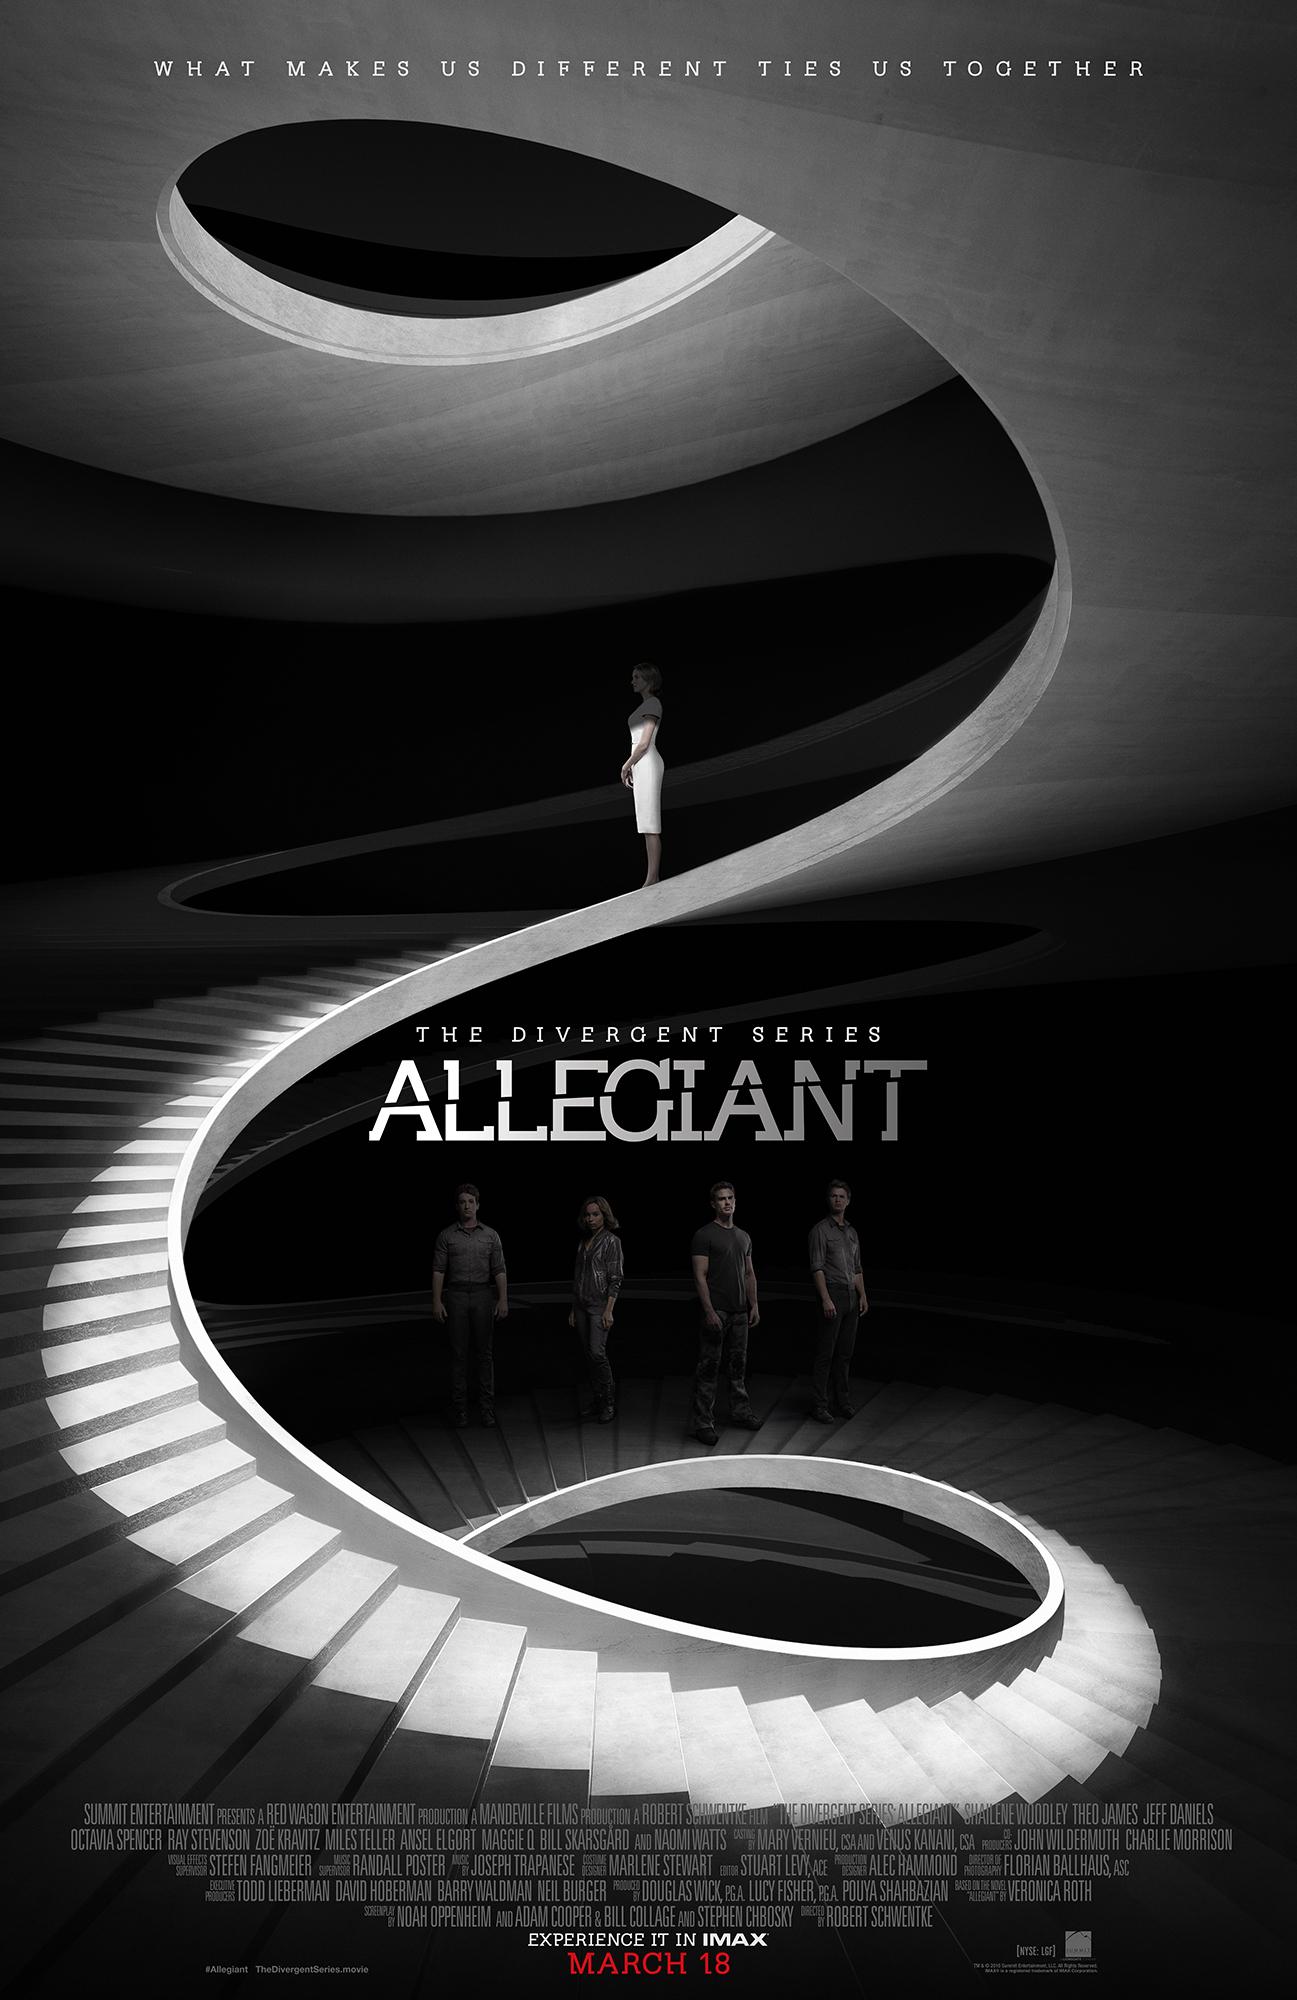 Allegiant_1Sht_Stairs_VF_100dpi.jpg